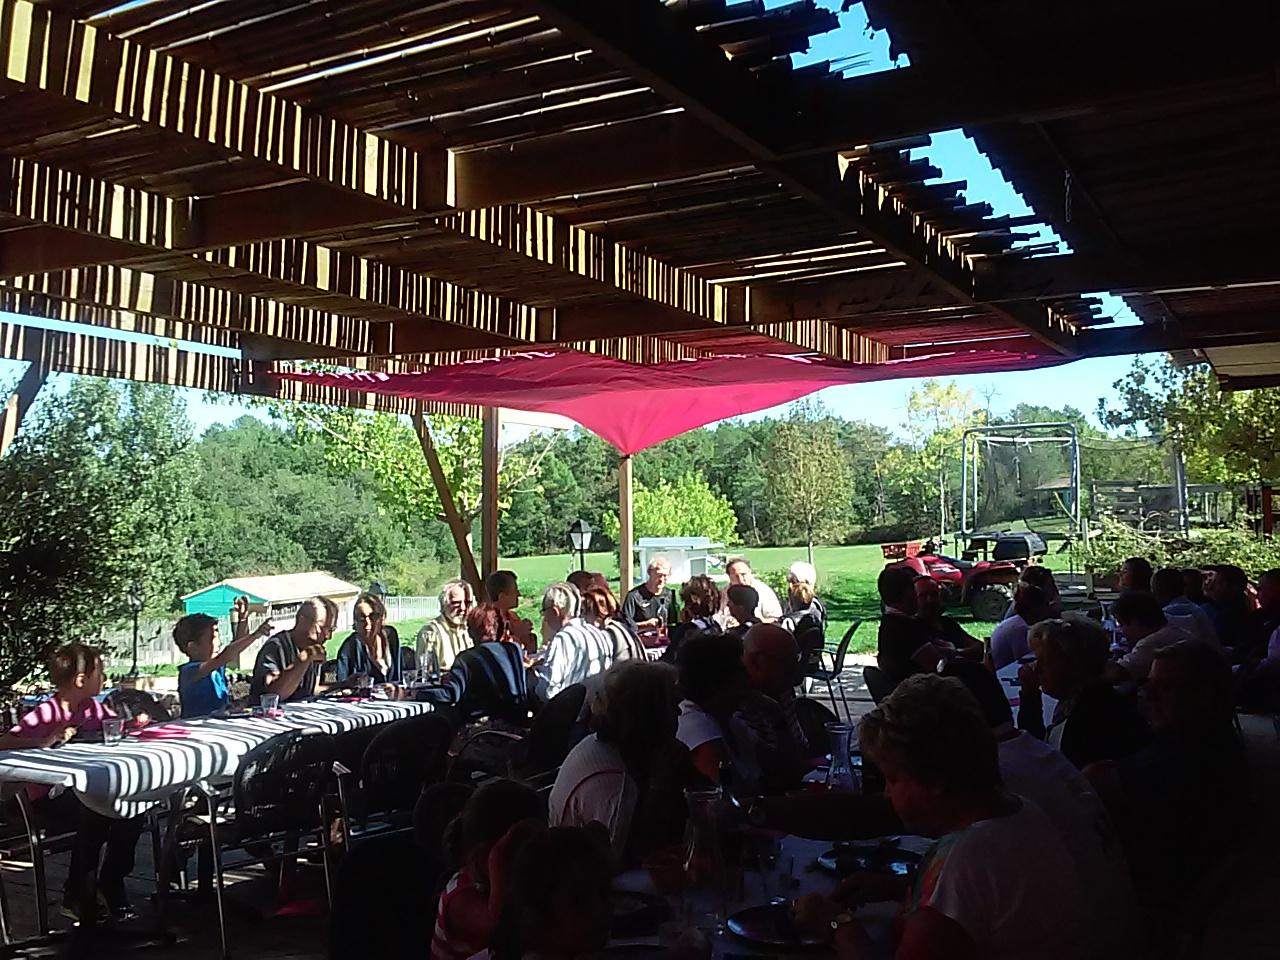 Camping dordogne met entertainment themafeesten snackbar met wi fi feestelijke sfeer - Feestelijke bar ...